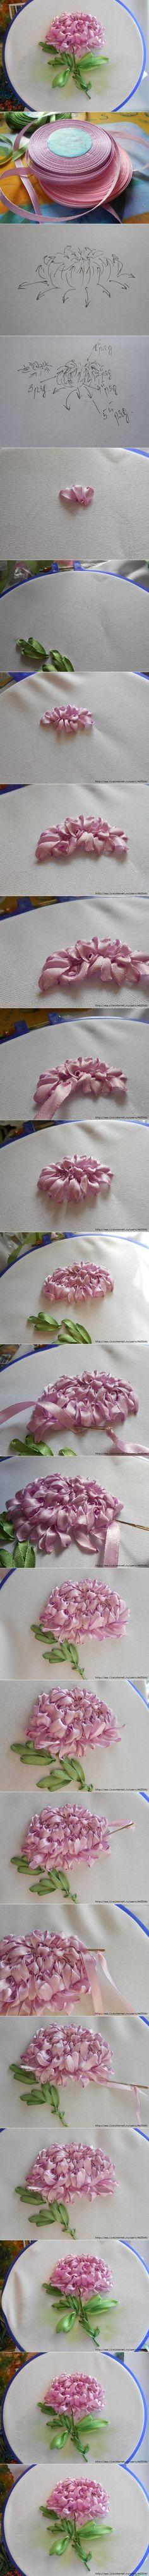 crisantemo chascon-tutorial